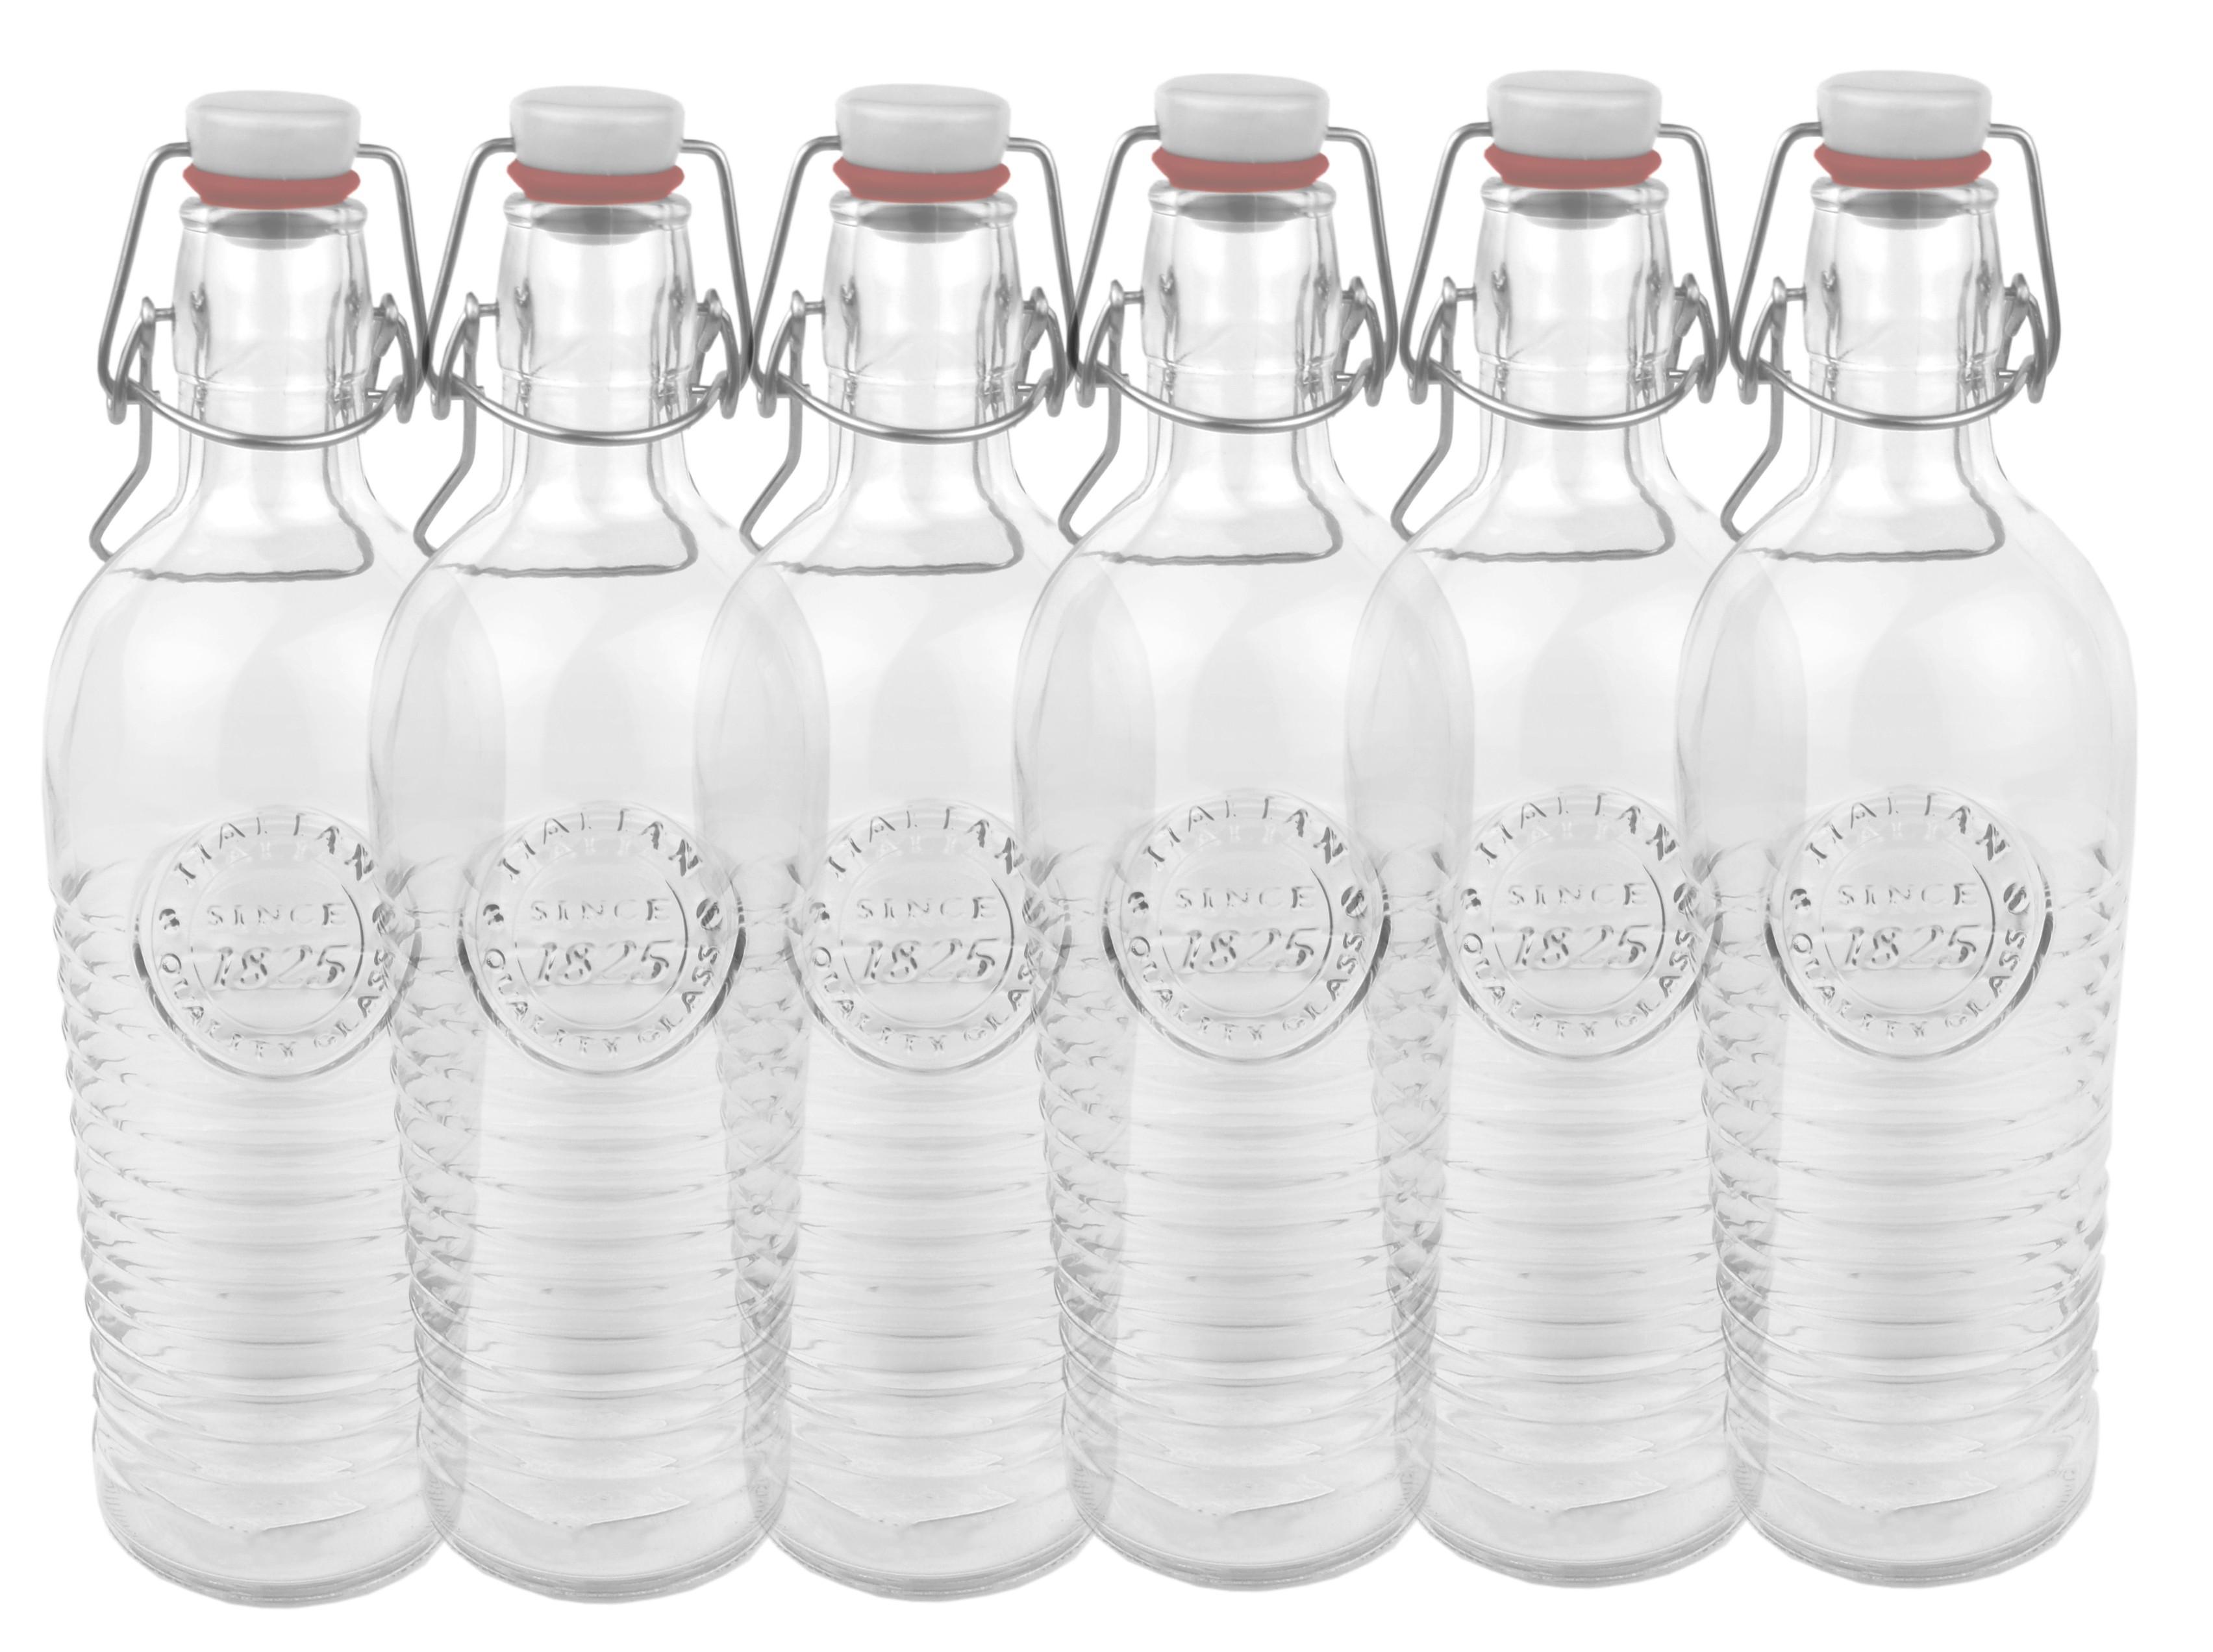 6er set glasflasche officina 1825 geriffelte 1 2 liter flasche mit b gelverschluss und relief. Black Bedroom Furniture Sets. Home Design Ideas